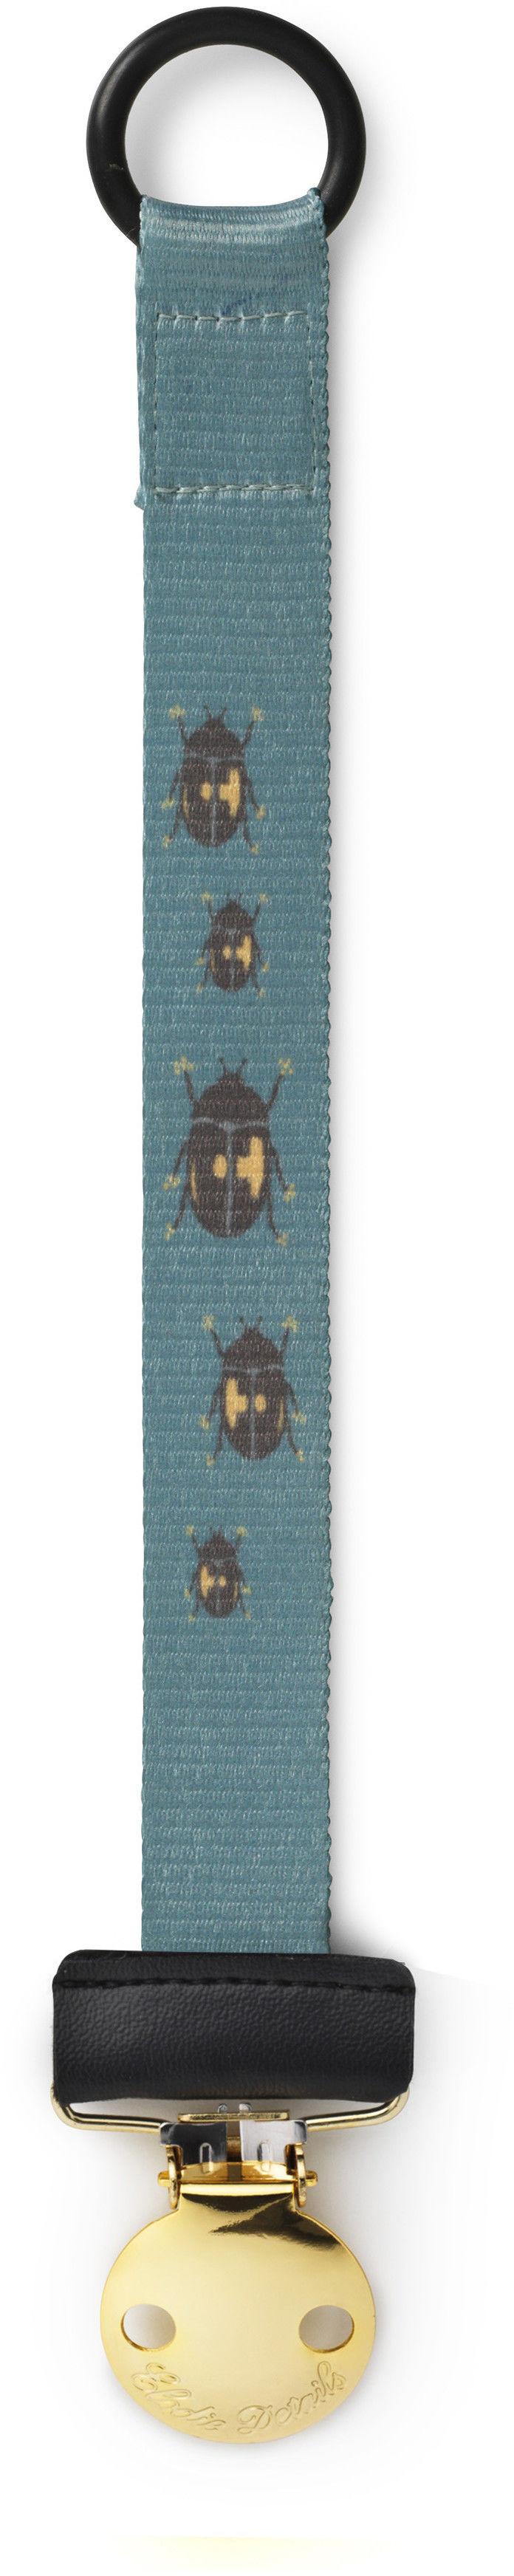 Elodie Details - Zawieszka na Smoczek - Tiny Beetle